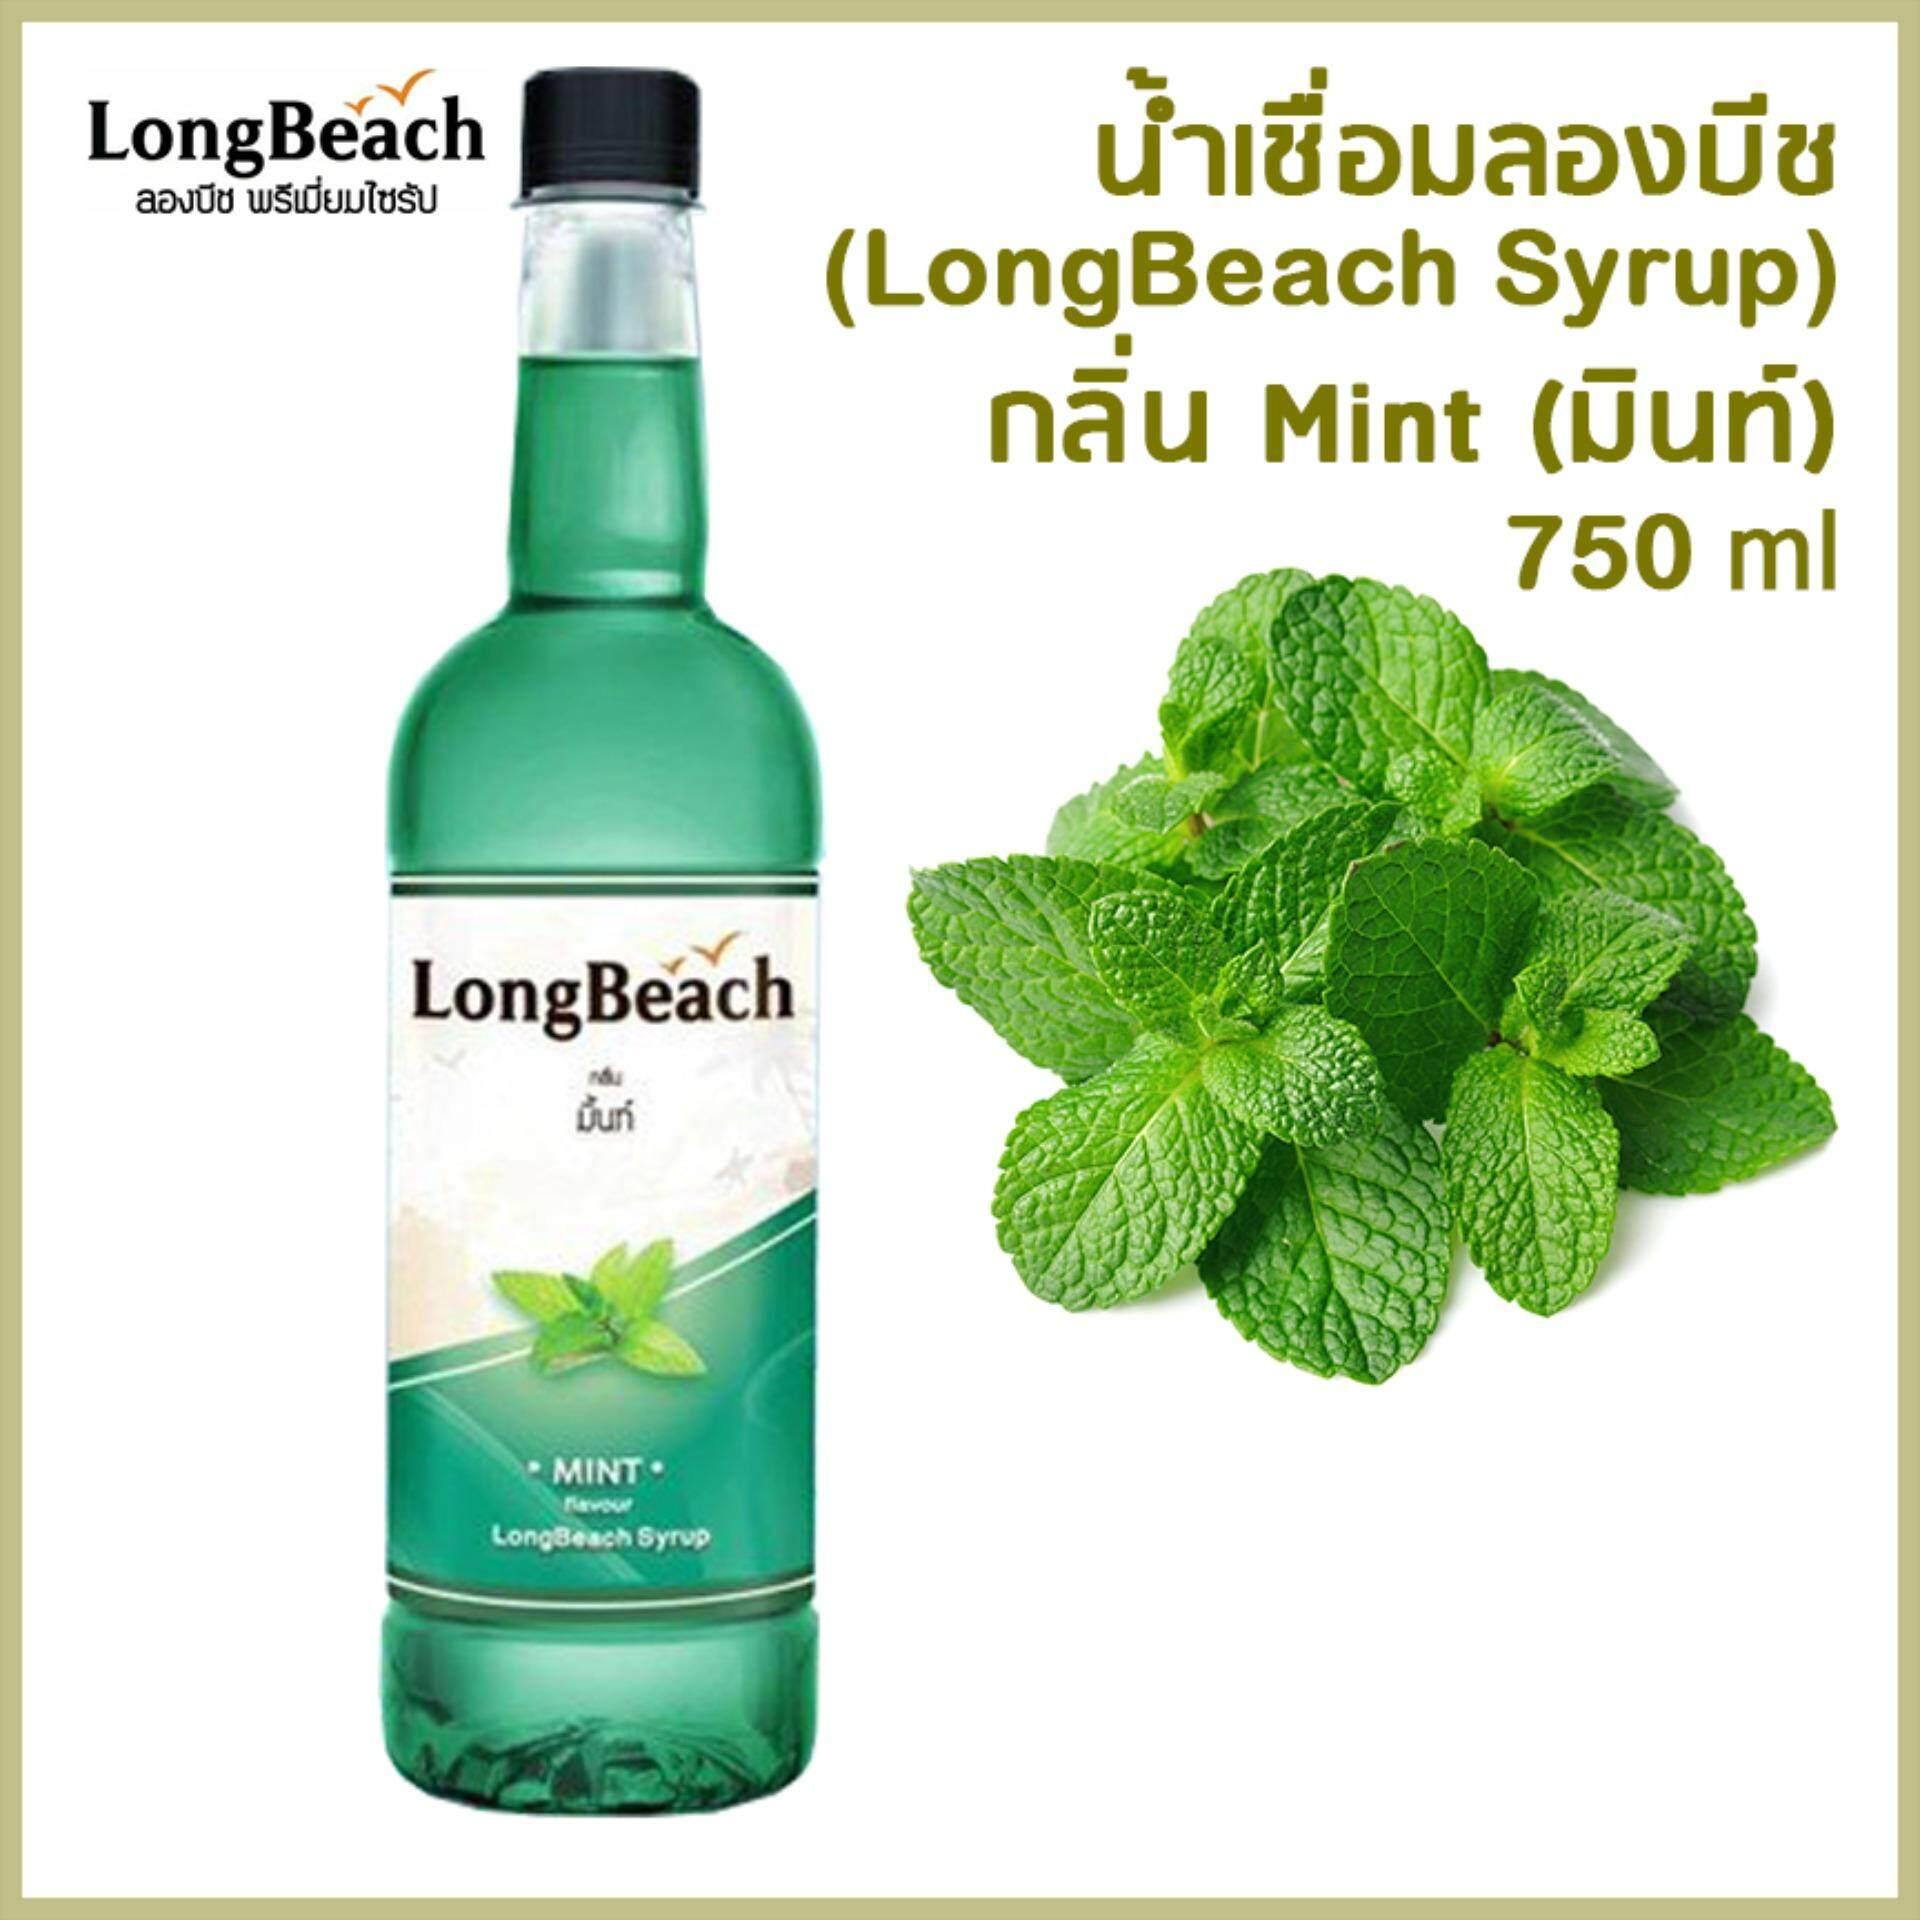 น้ำเชื่อมลองบีช (longbeach Syrup) กลิ่น Mint.